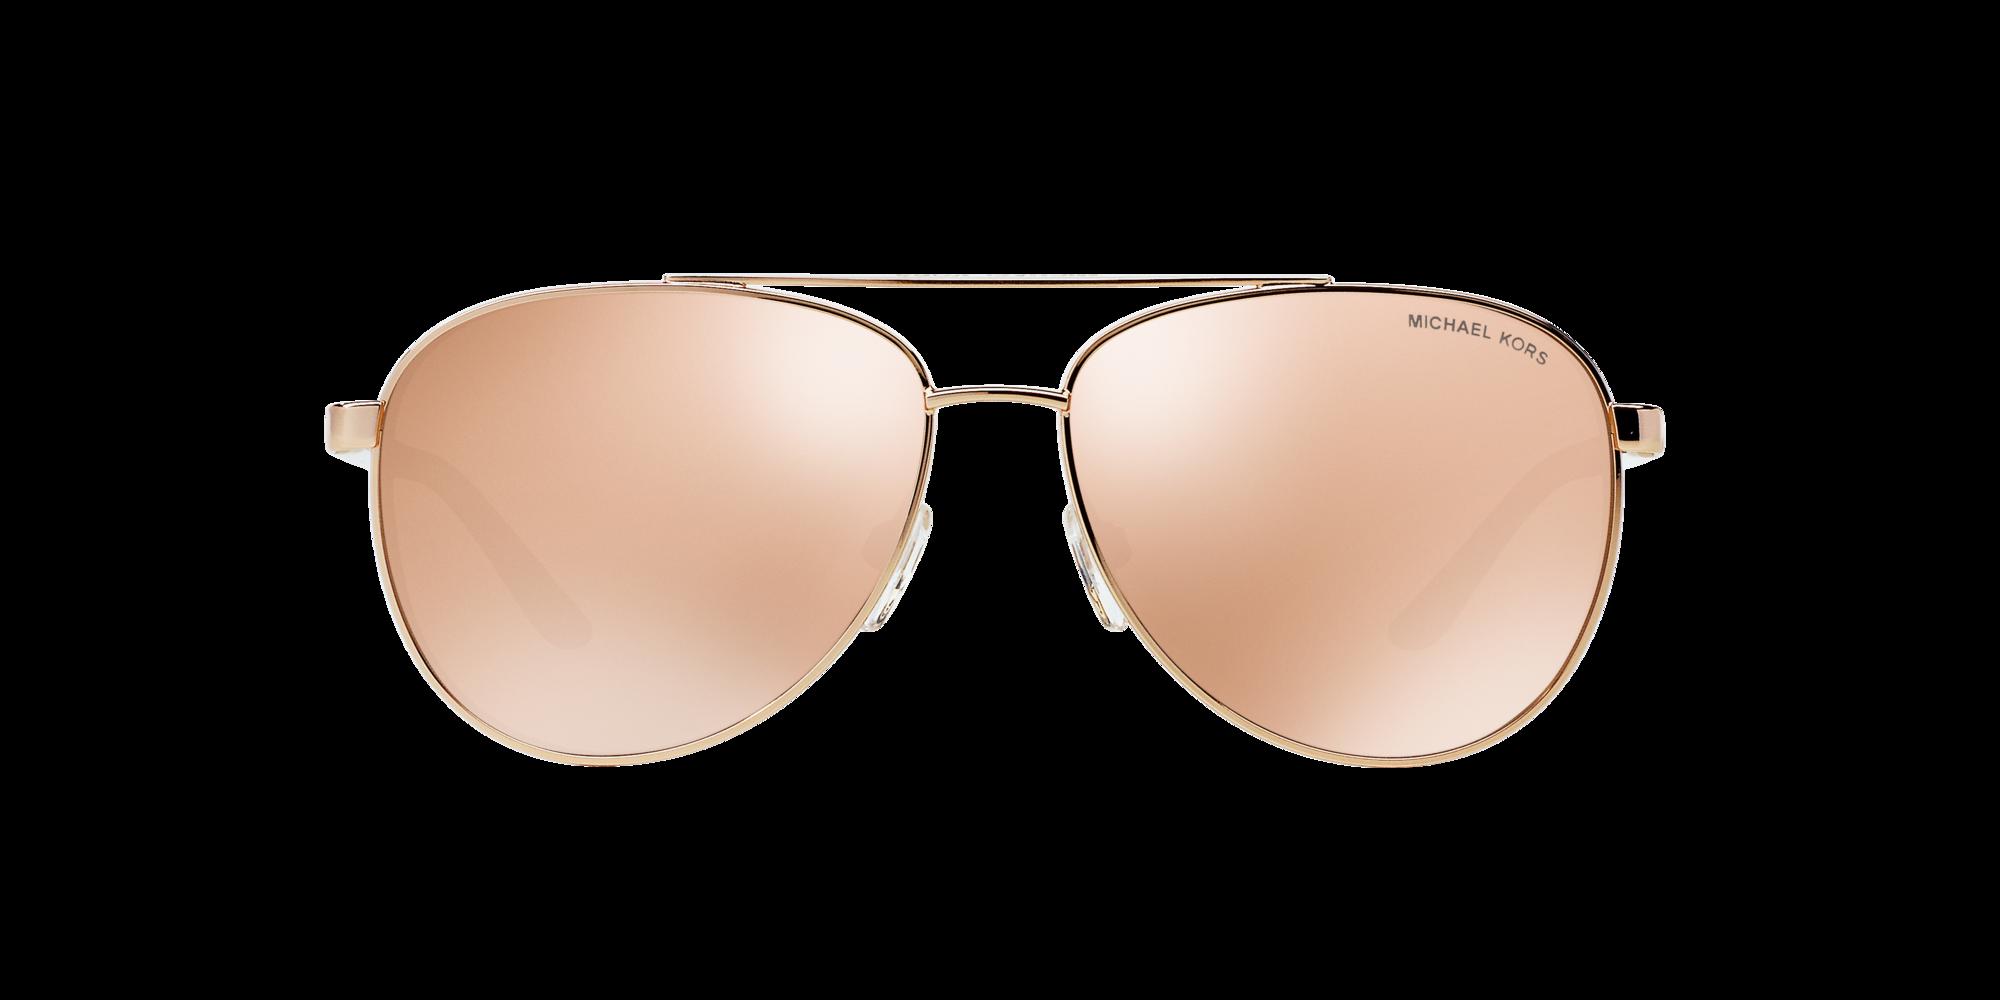 Image for MK5007 59 HVAR from LensCrafters   Glasses, Prescription Glasses Online, Eyewear